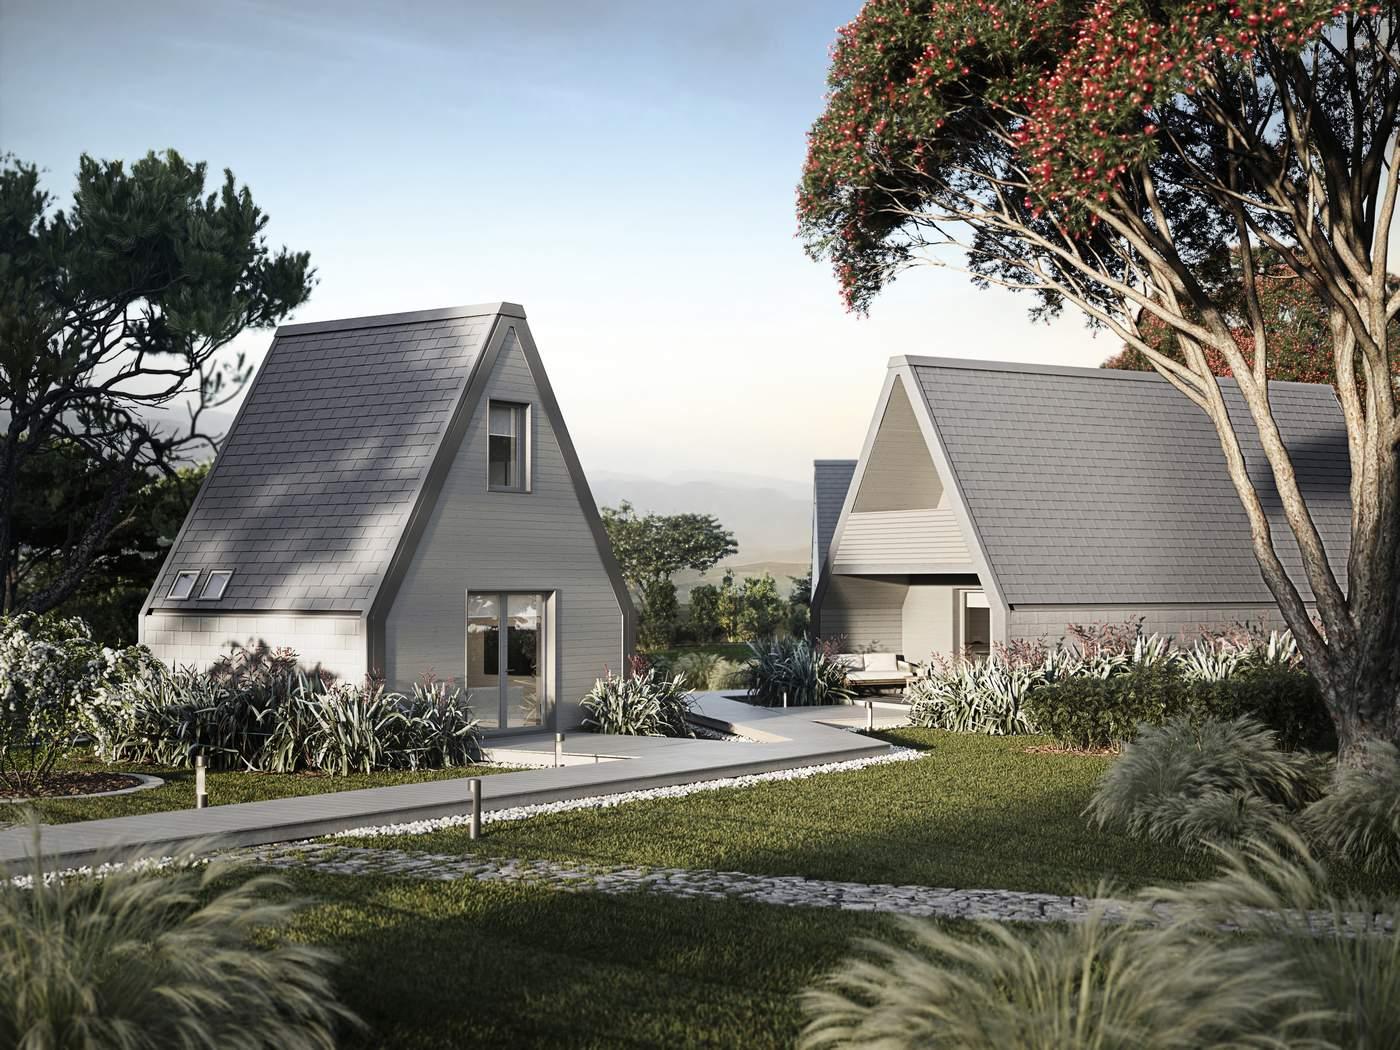 A-FOLD_HOUSES-model-A-final_exterior_cam01_3